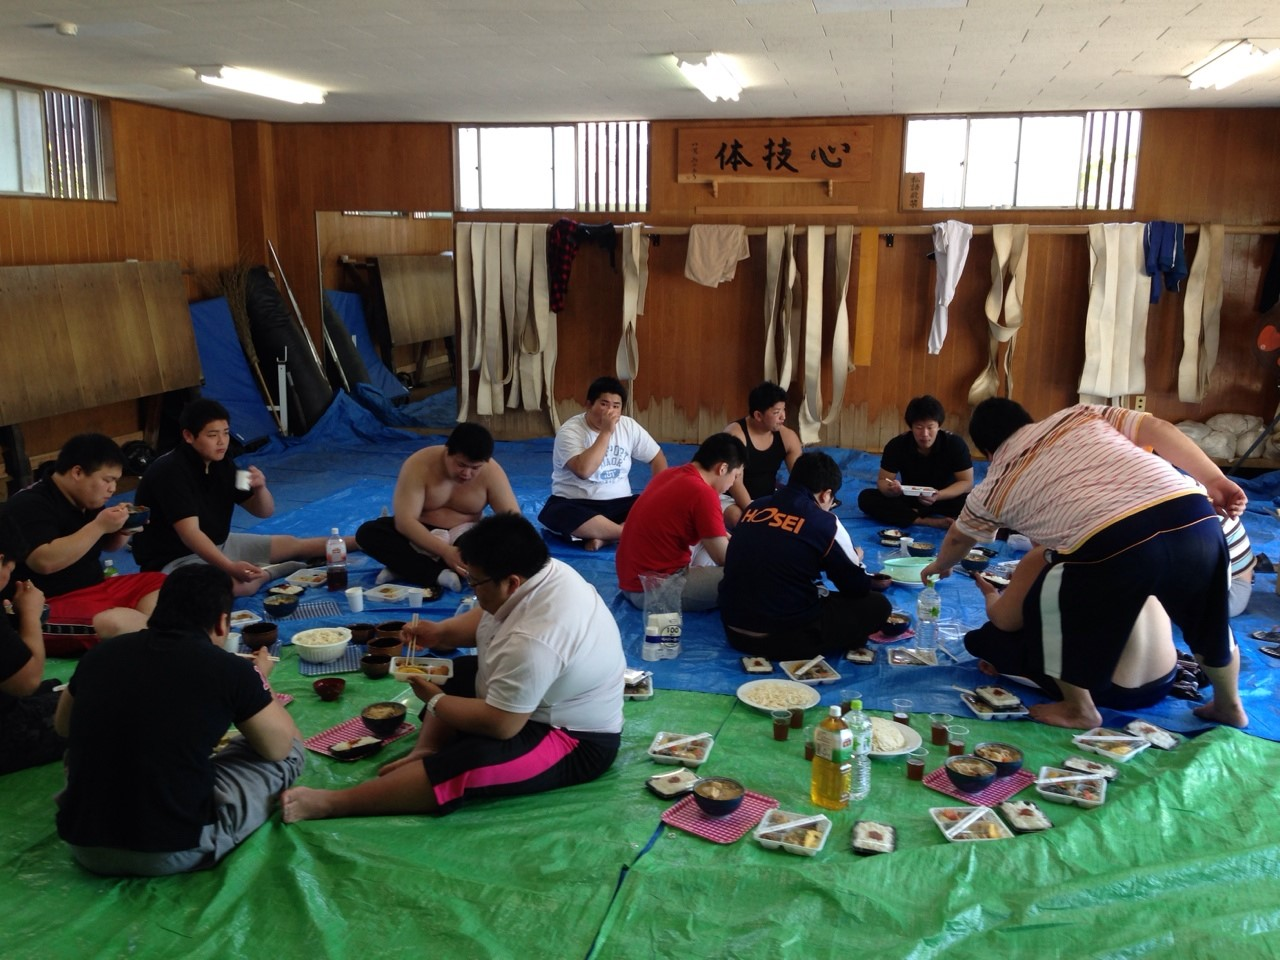 また、両日とも稽古後には慶應義塾大学の皆さんに用意していただいたちゃんこ... 早稲田大学相撲部